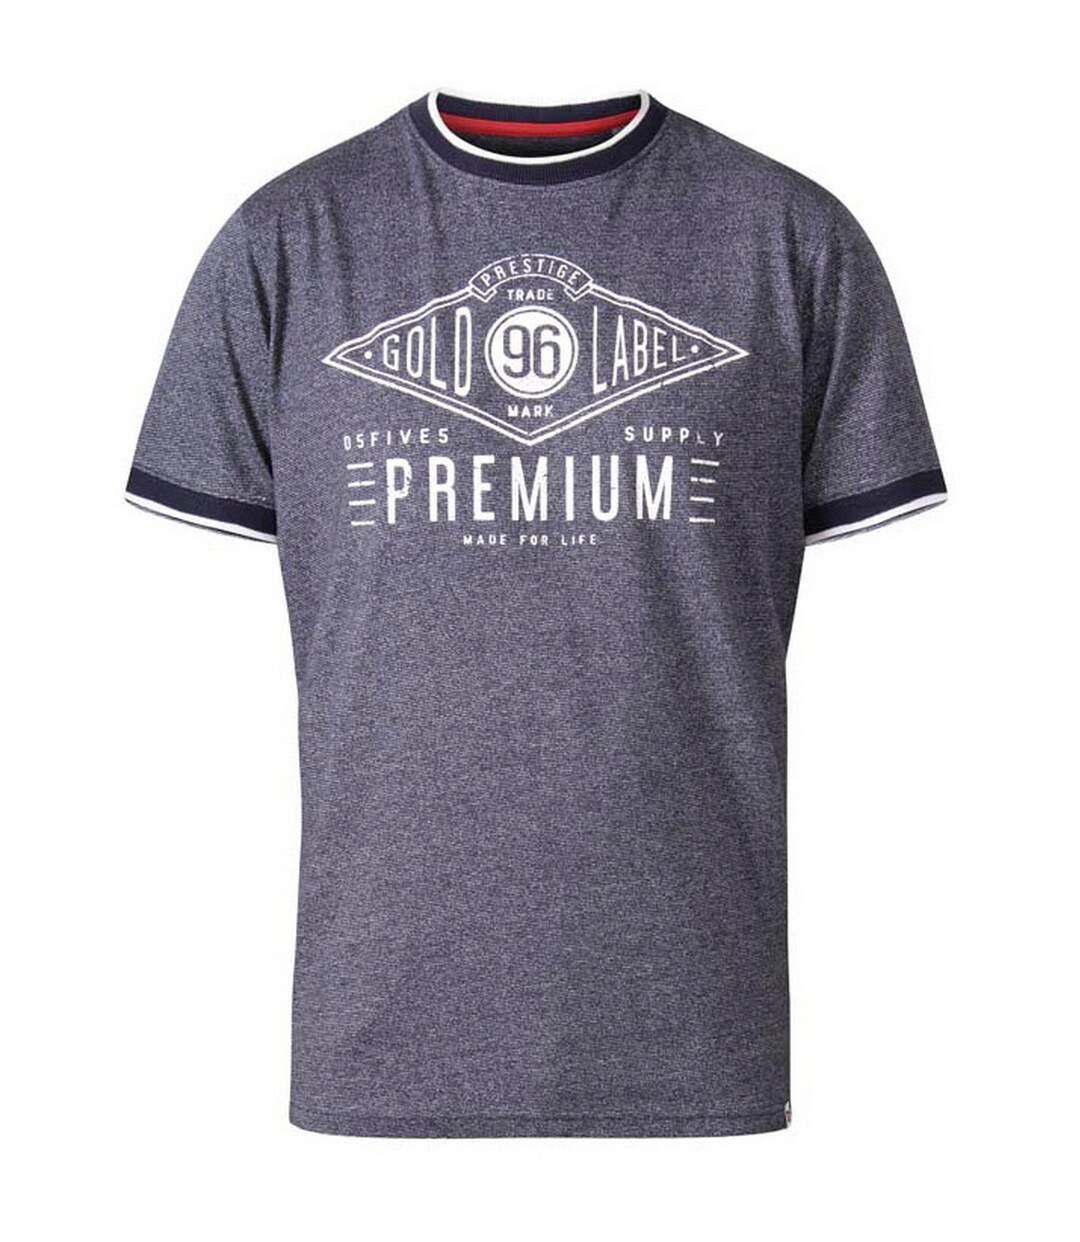 Duke Mens Alister D555 Premium Ringer T-Shirt (Navy) - UTDC284